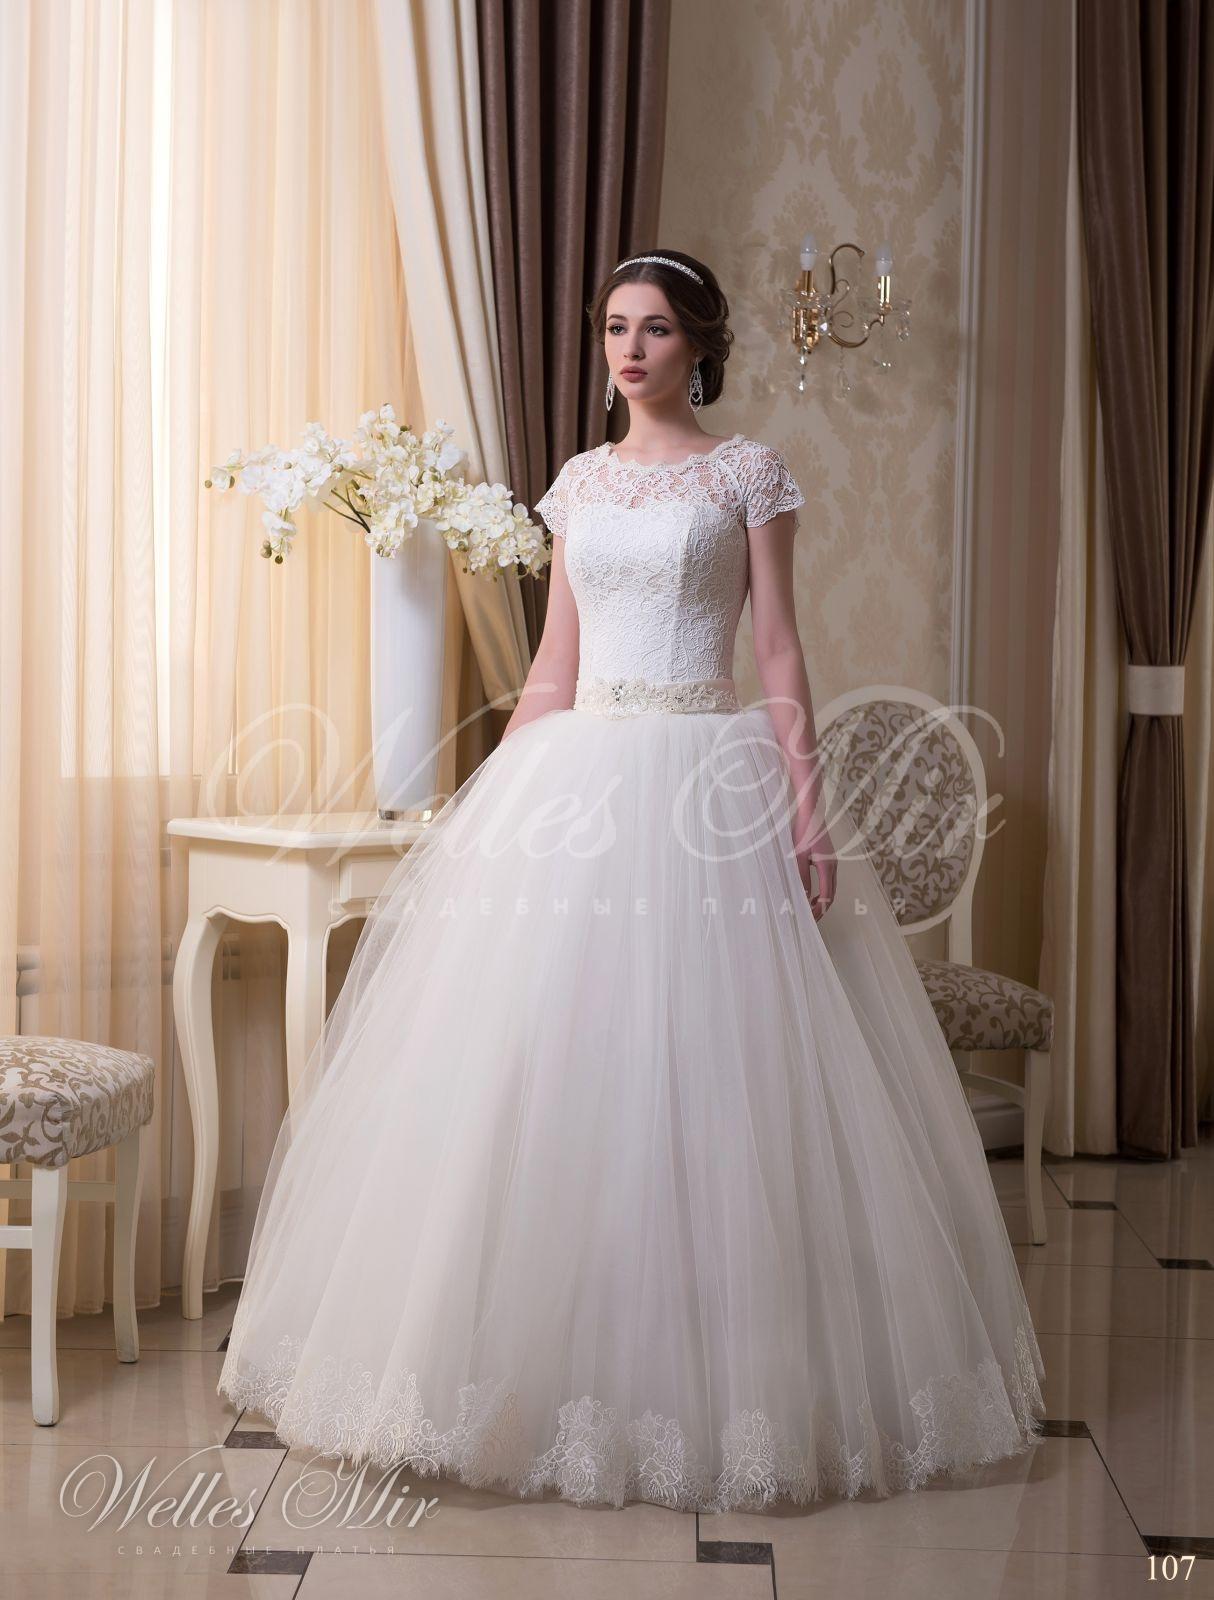 Свадебные платья Charming Elegance - 107